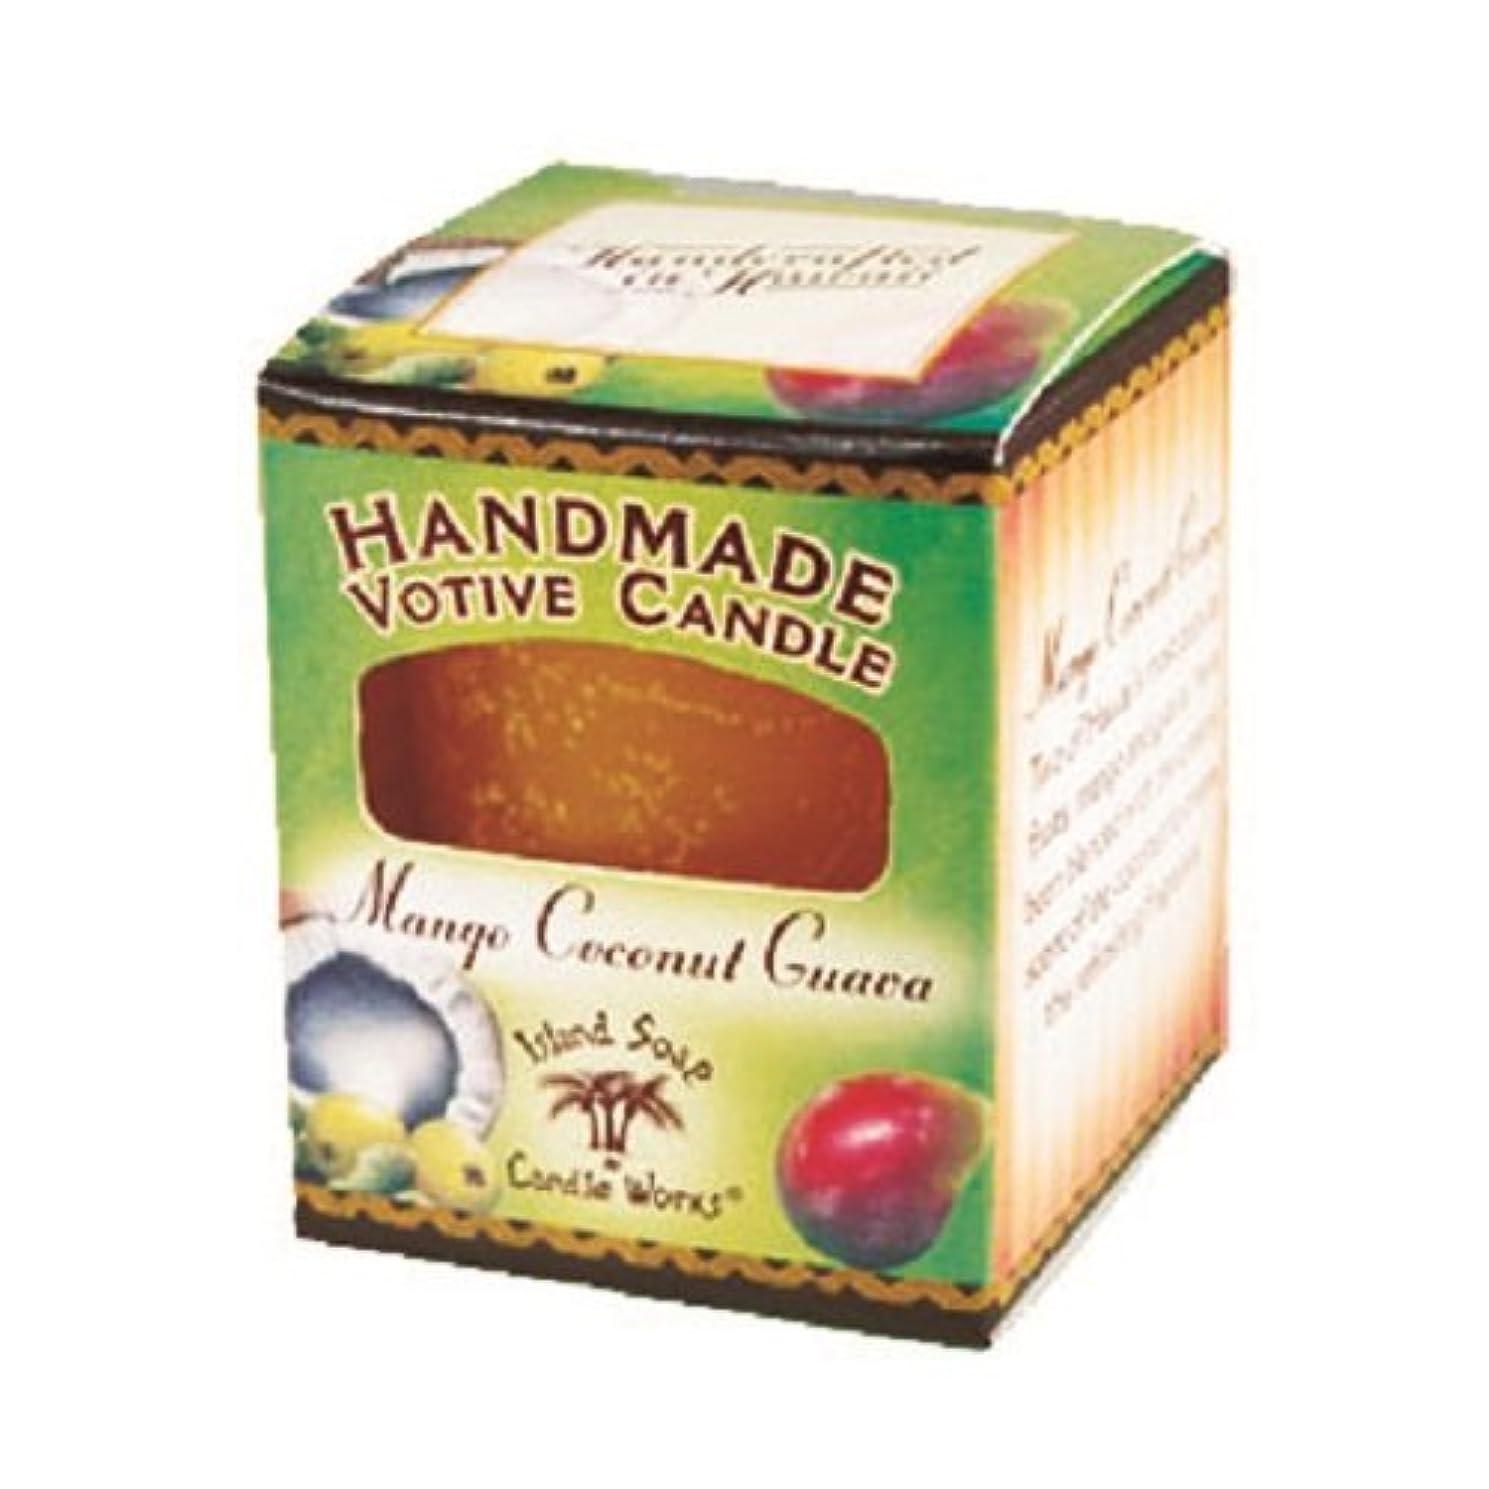 手入れビルダーちょっと待ってアイランドソープ ボーティブキャンドル マンゴココナッツ